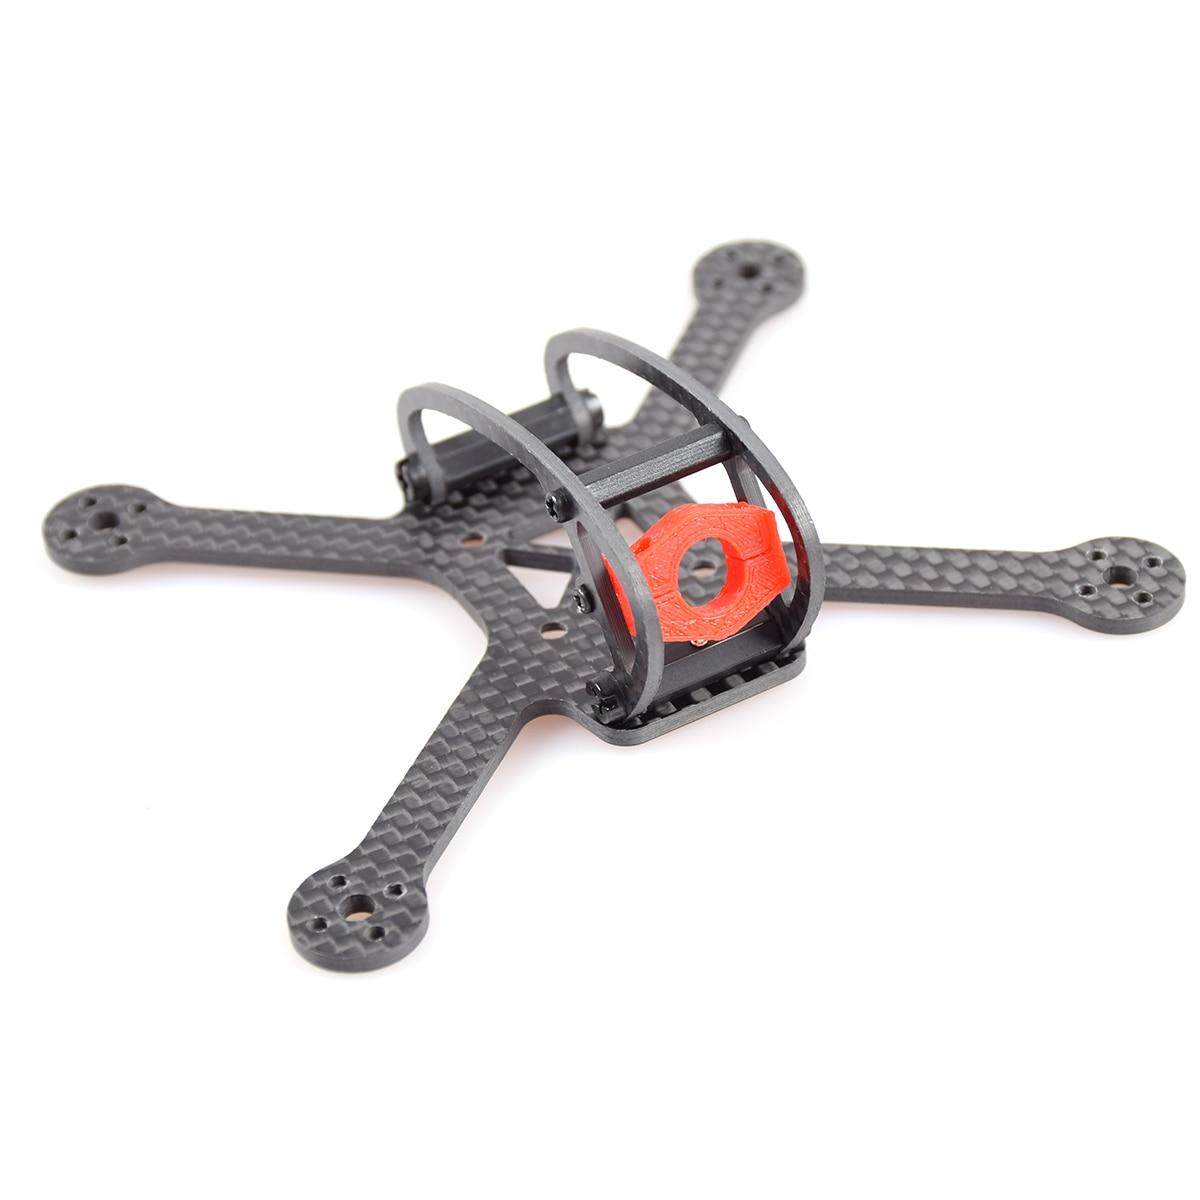 JMT líder-120 120mm Kit de marco de fibra de carbono forma X 4-eje para el bricolaje Micro FPV Quadcopter Drone